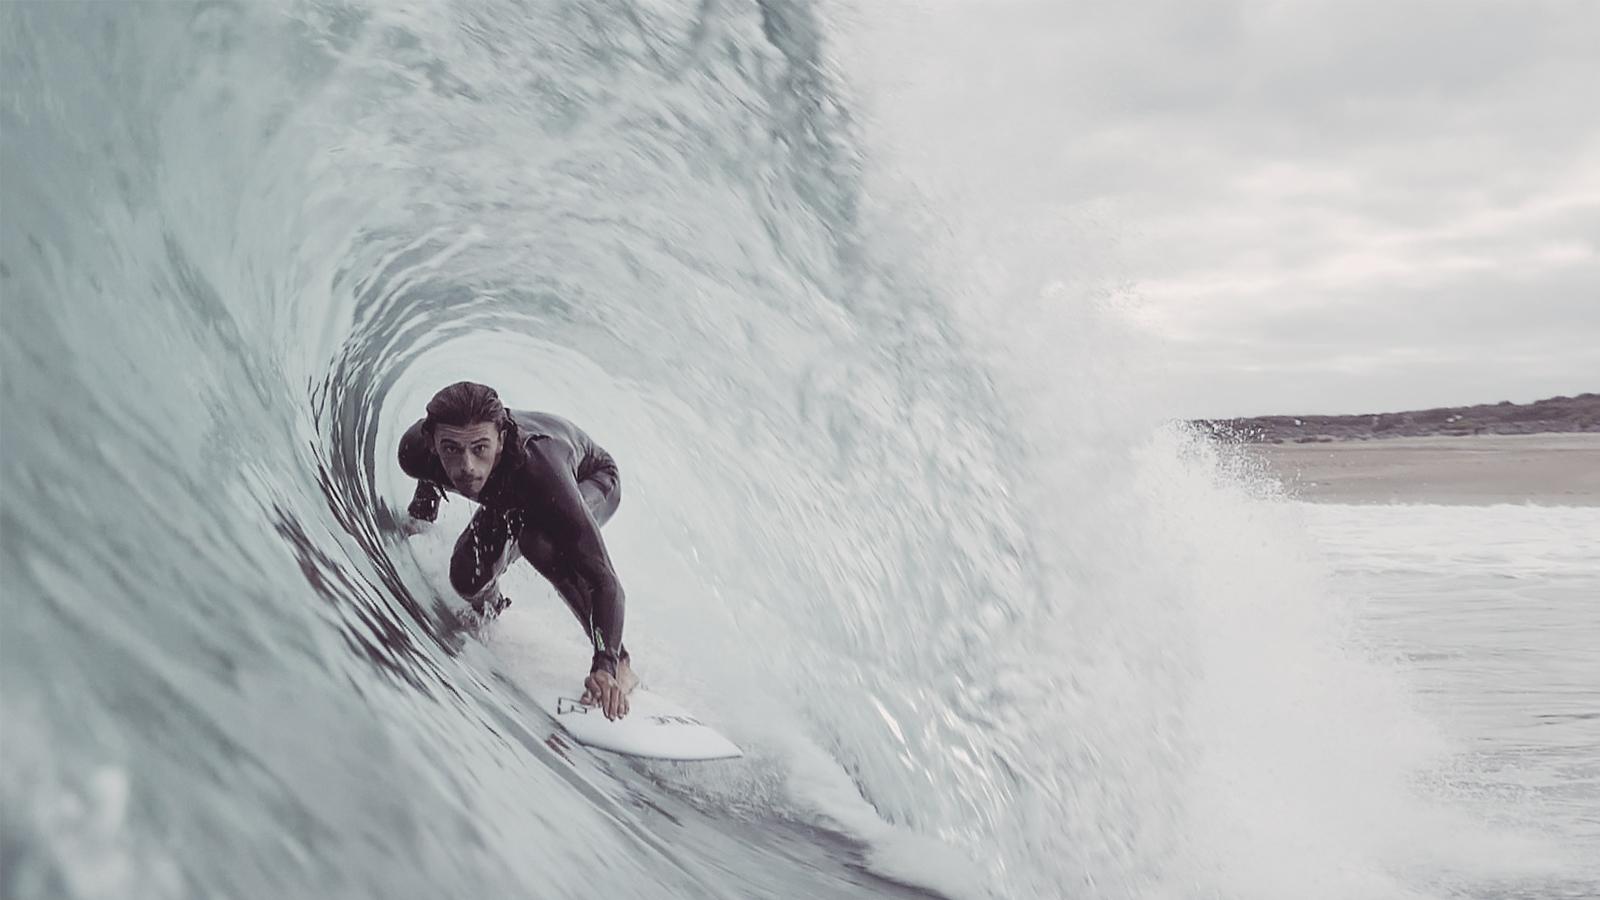 VENON SURFBOARDS